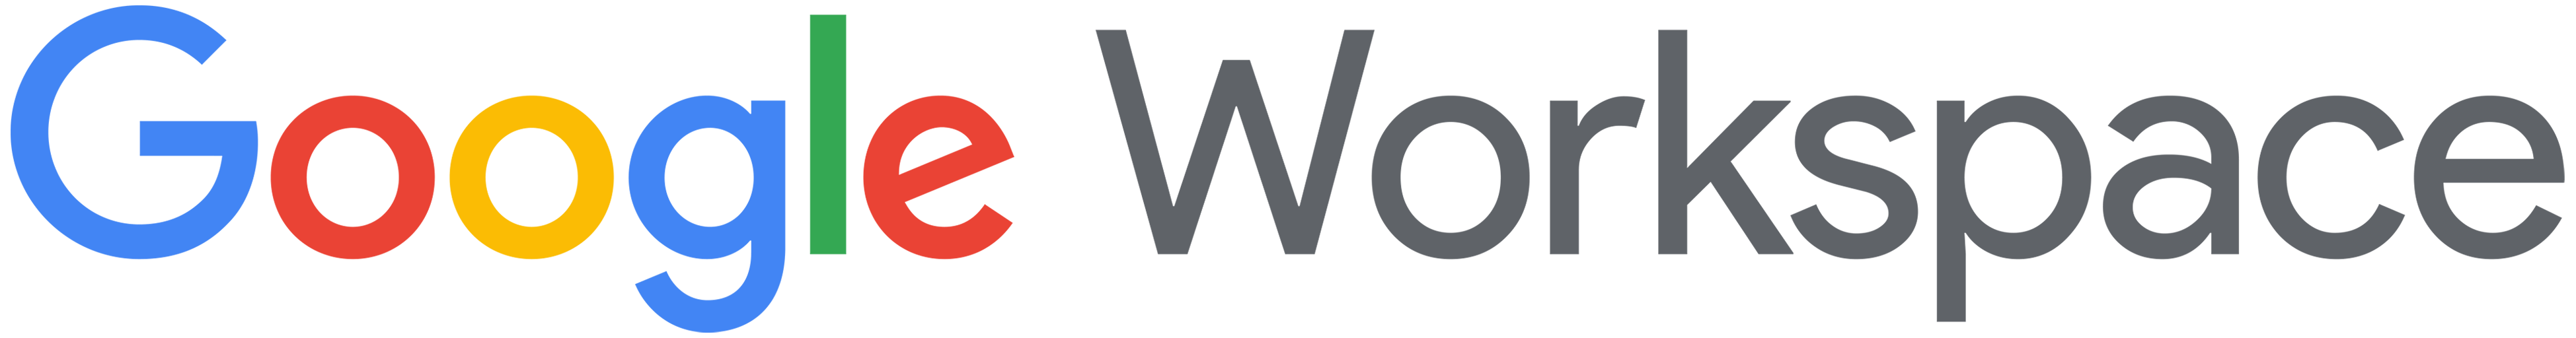 Google Workspace (anciennement G Suite) : des outils collaboratifs pour les  entreprises